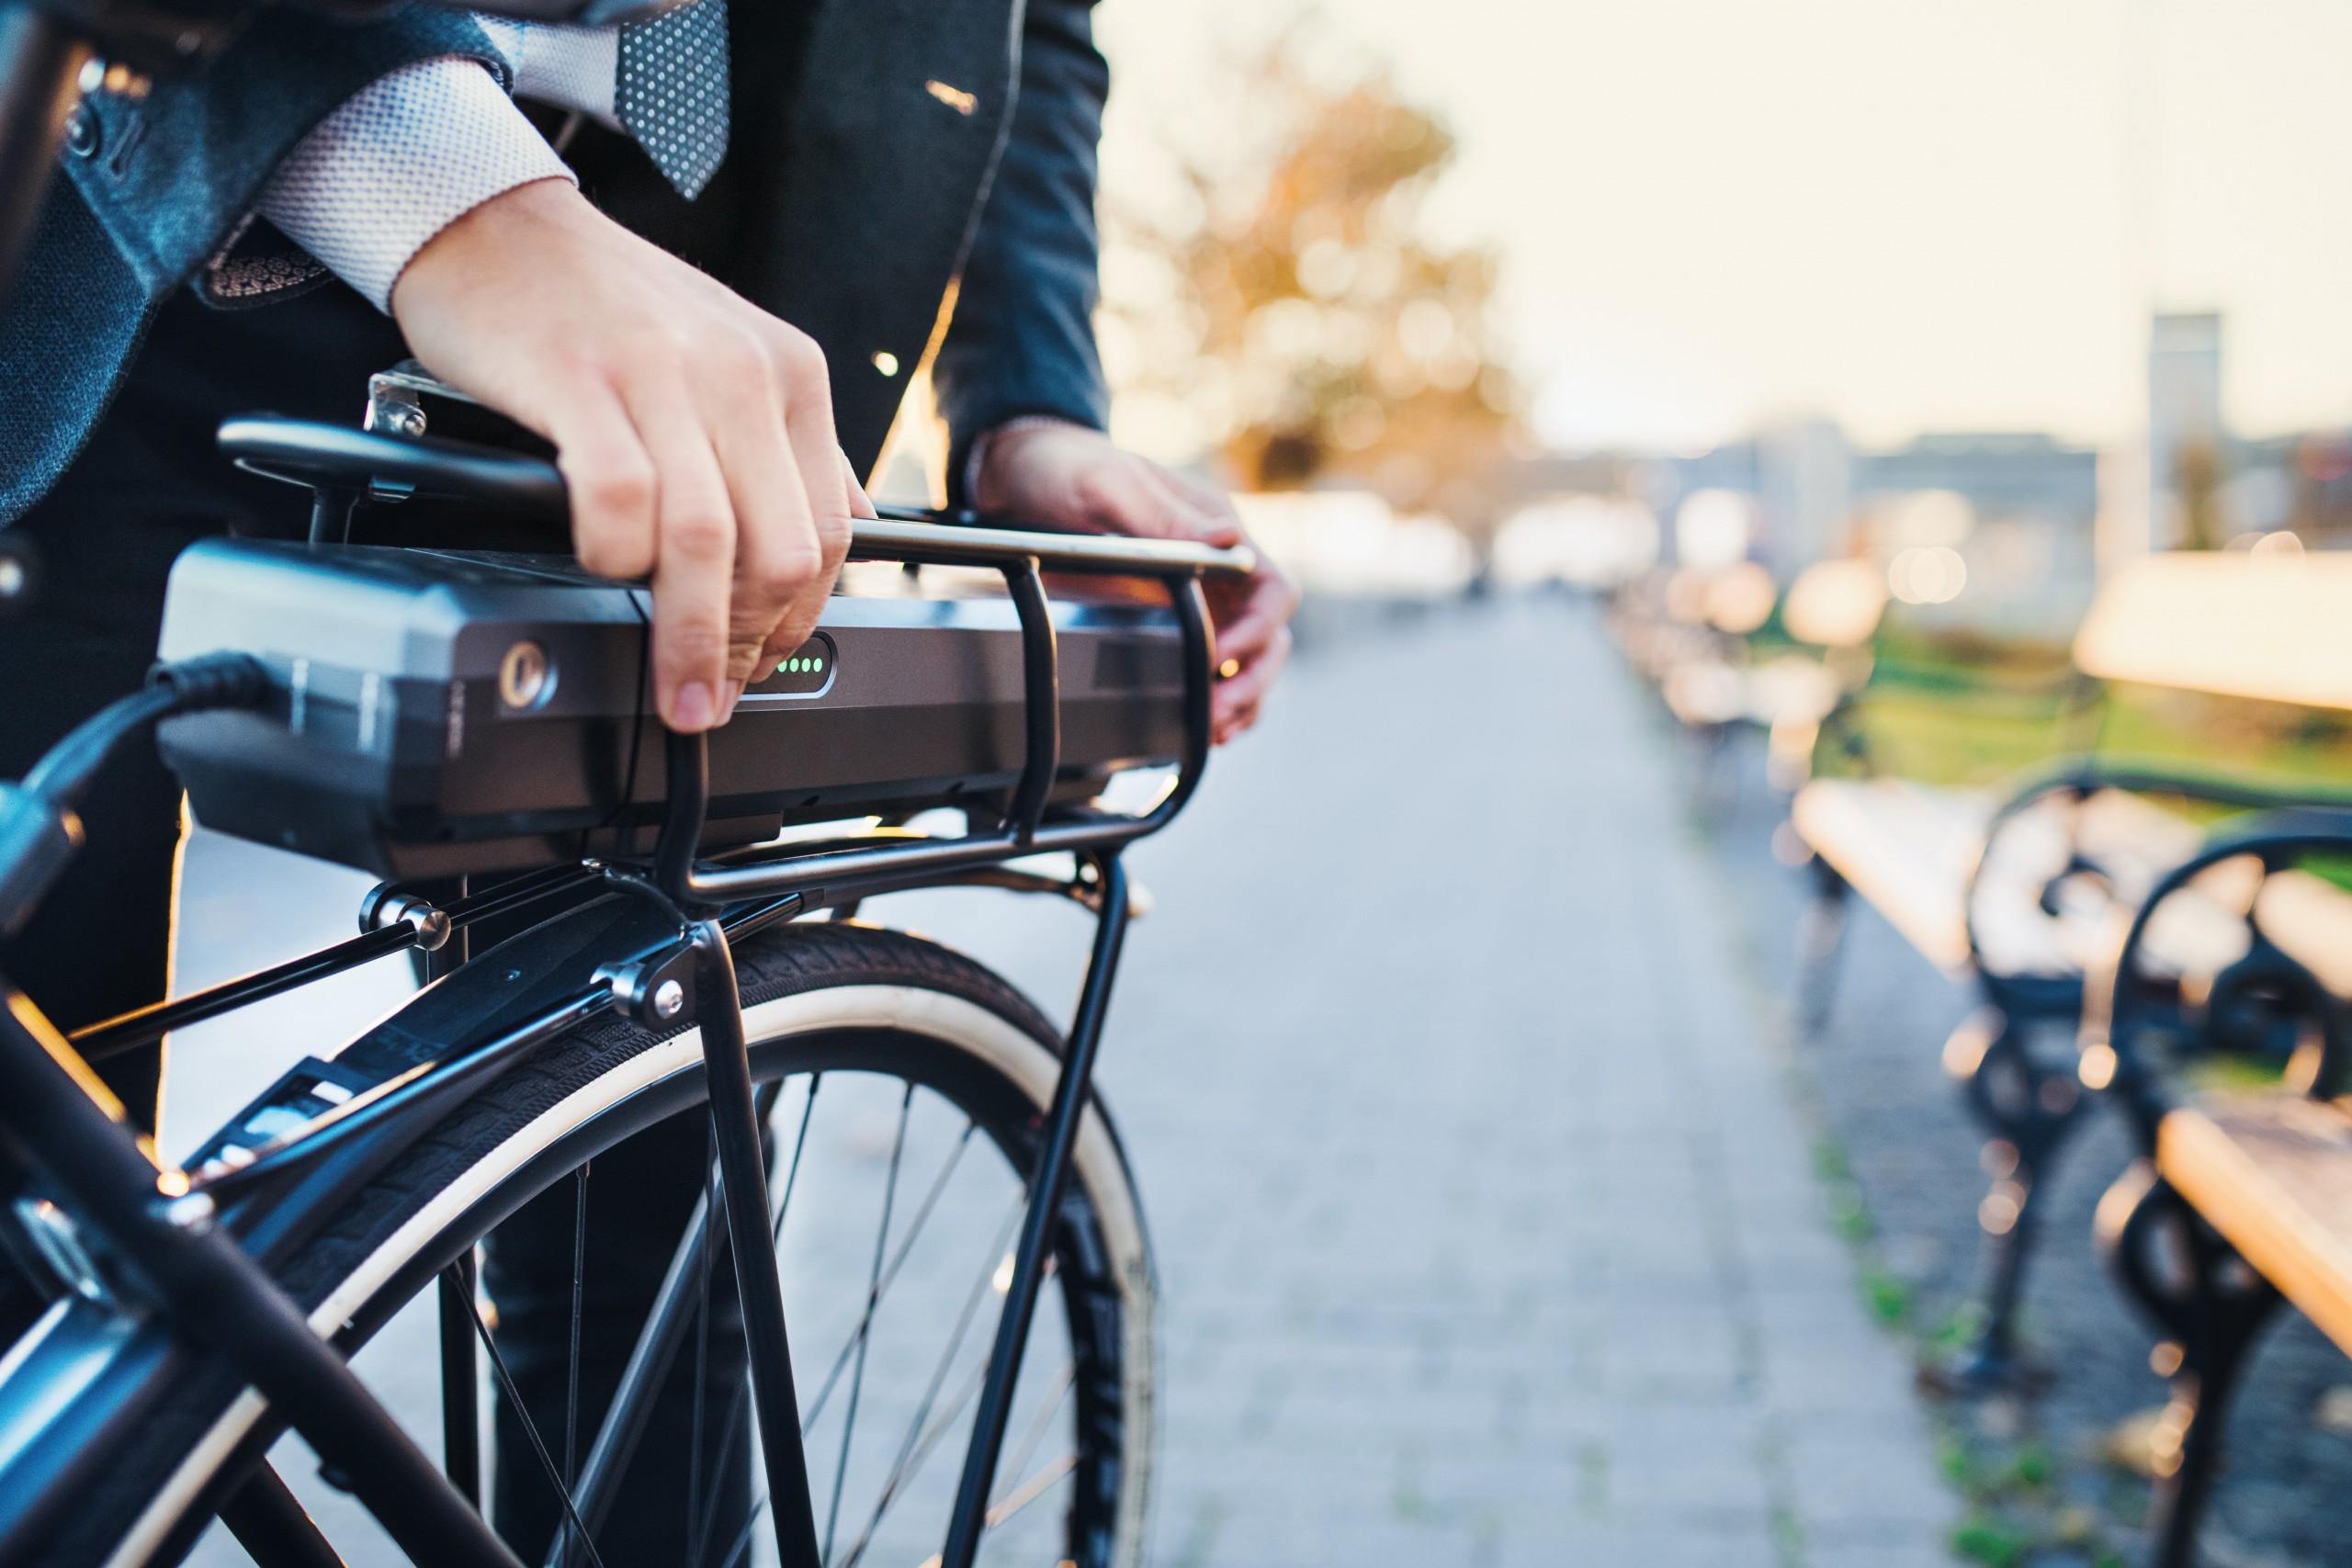 innameplicht-fietsdealer-scaled